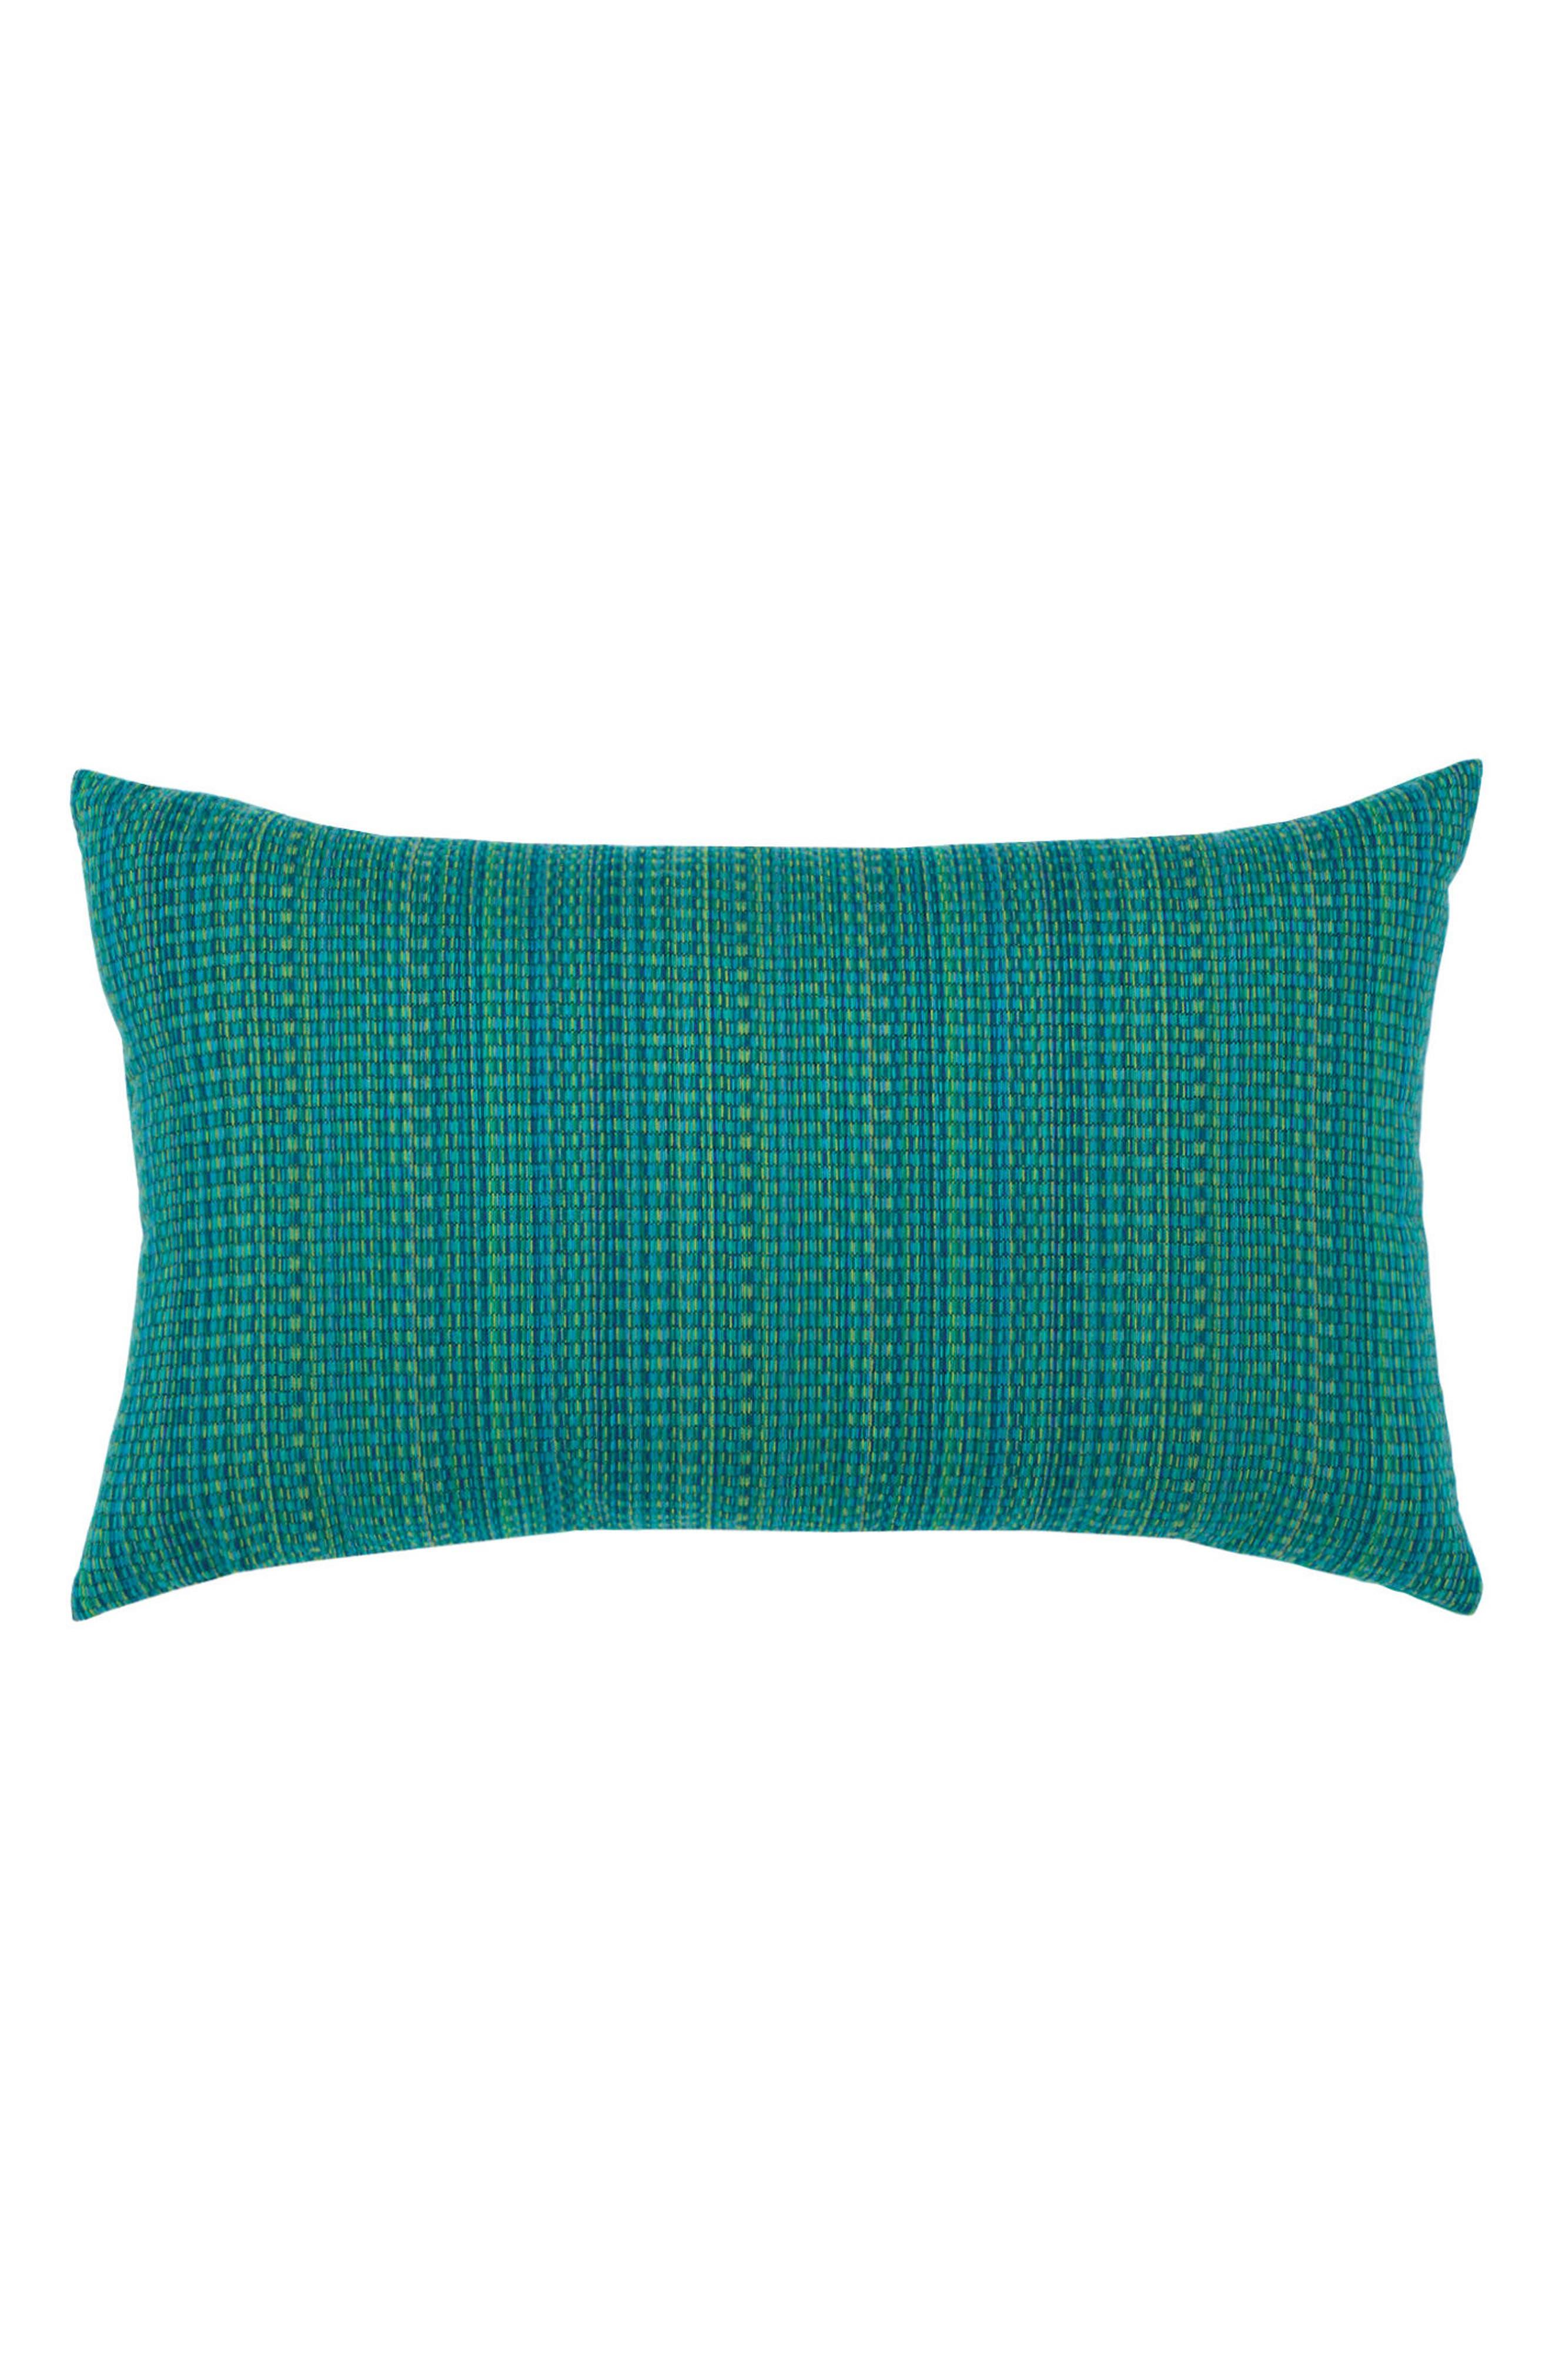 Elaine Smith Eden Texture Indoor/Outdoor Accent Pillow